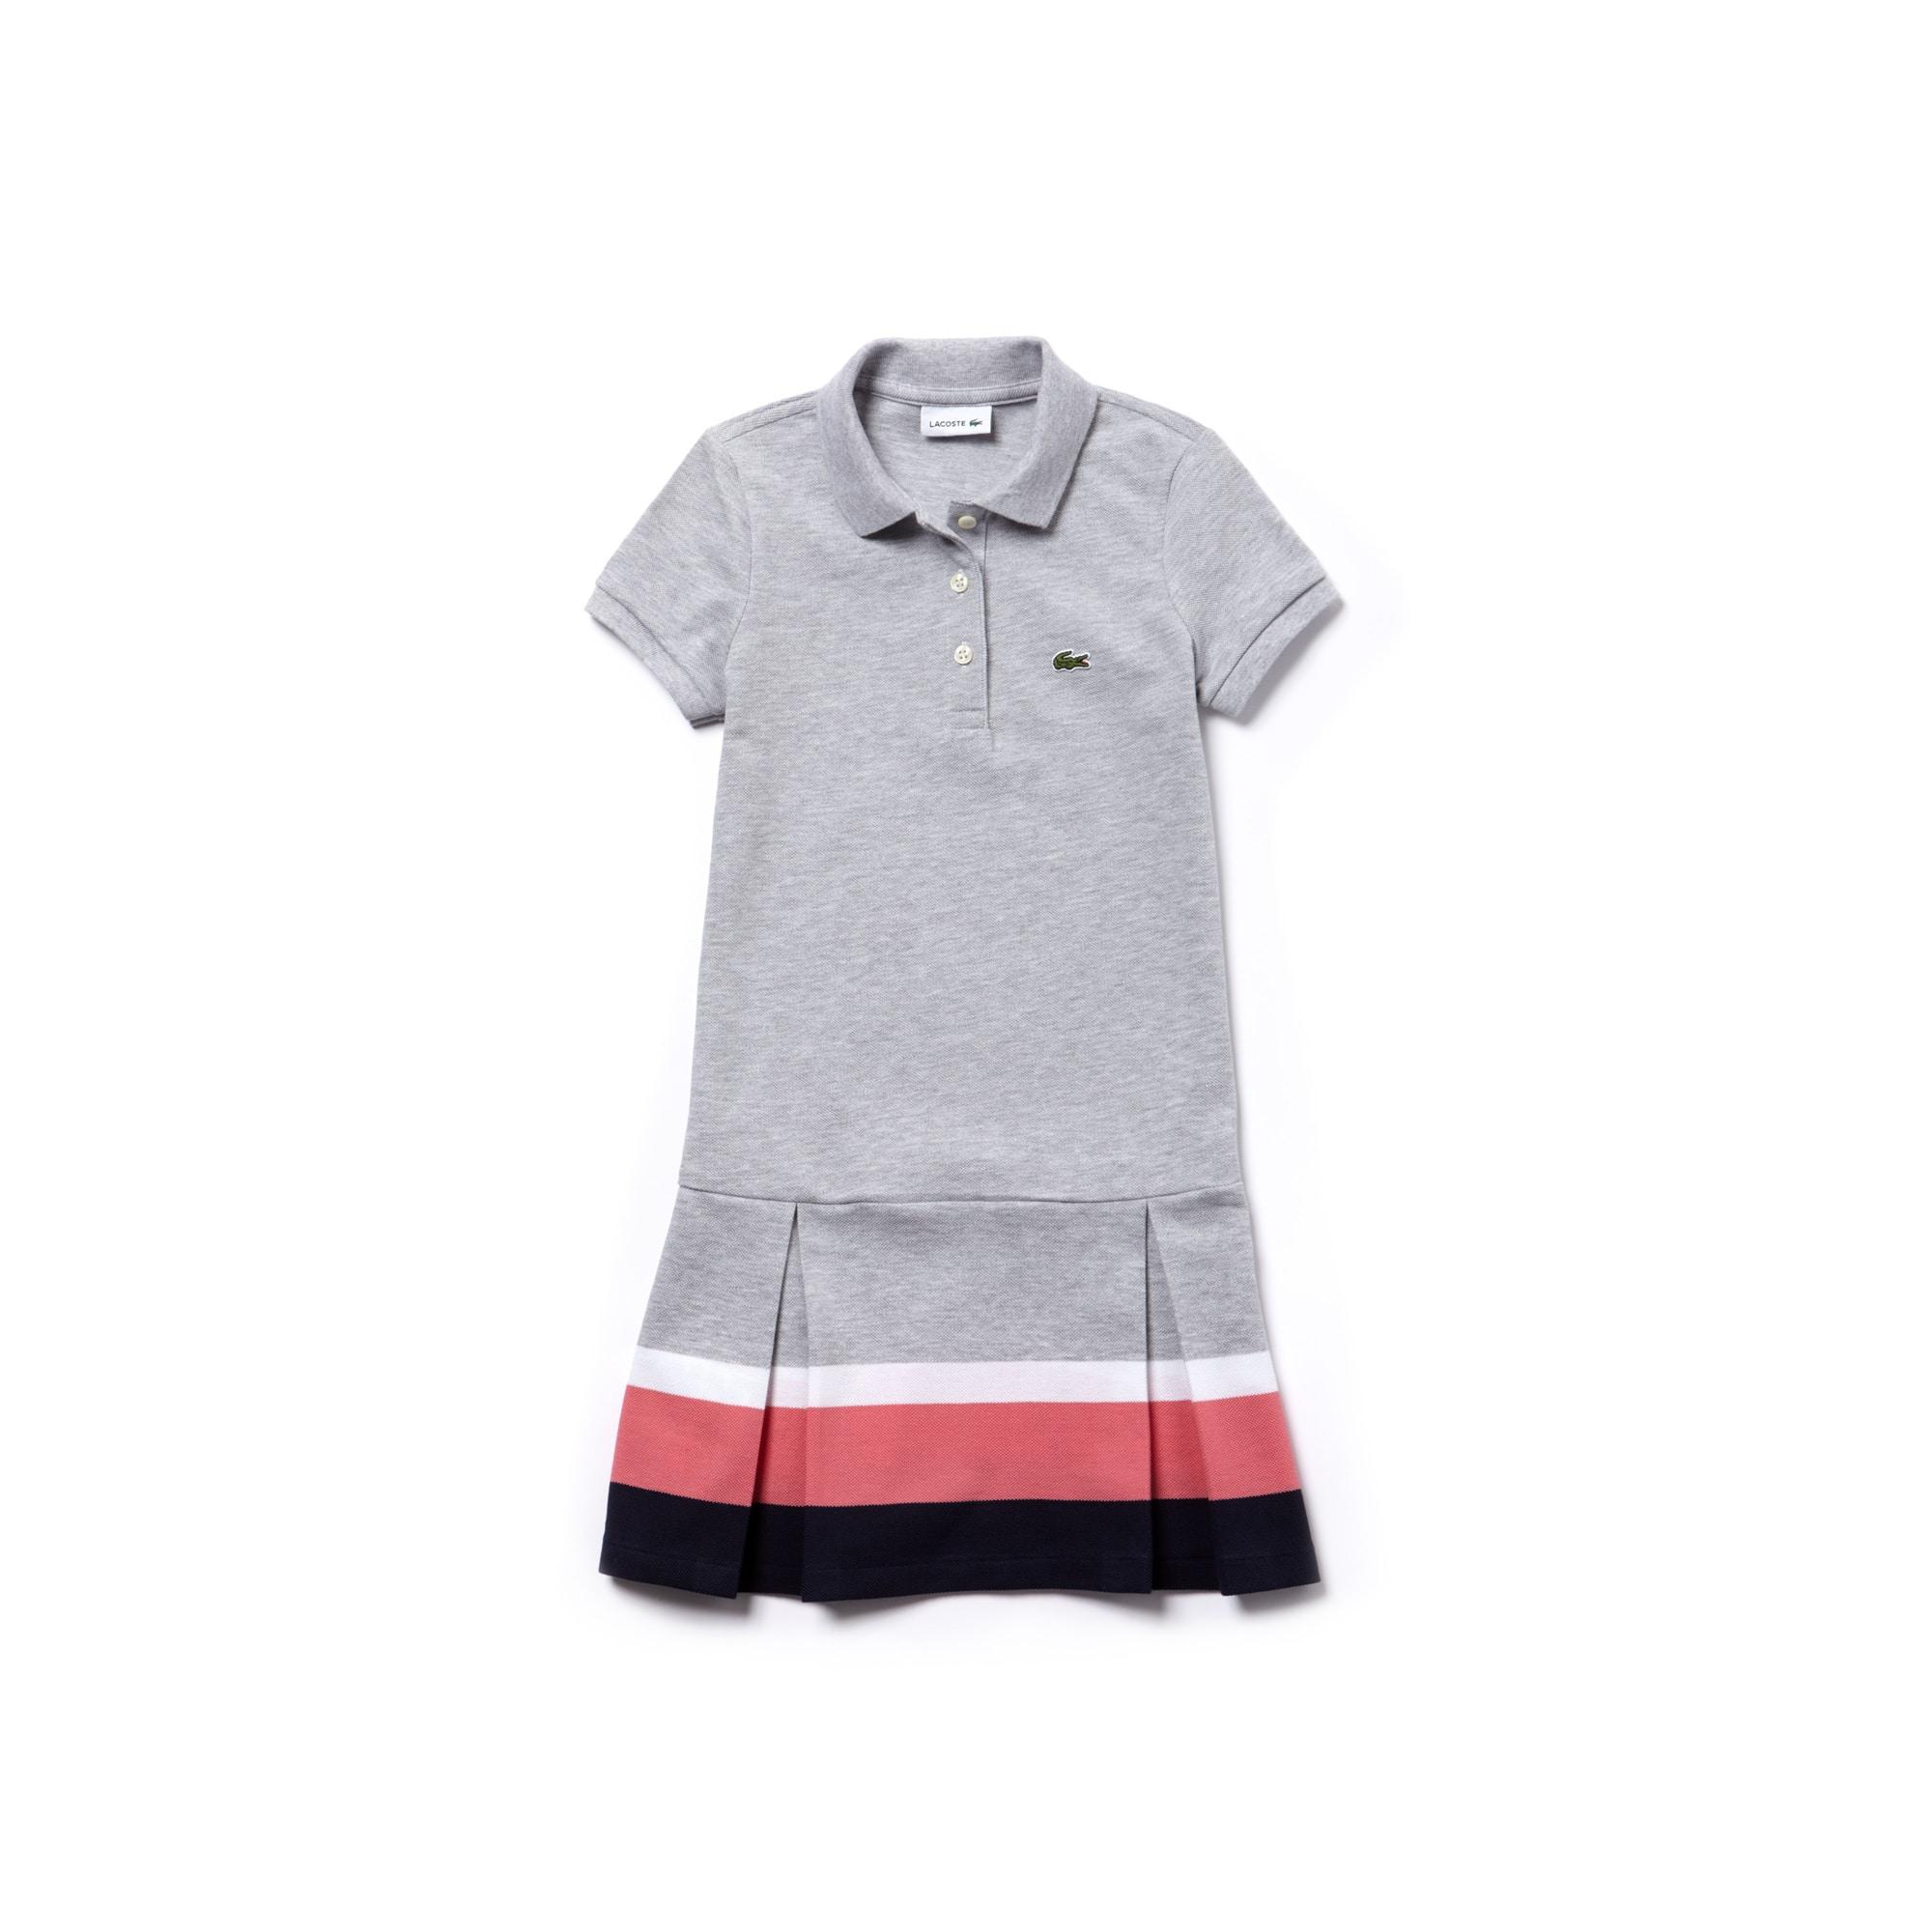 Vestido Polo Infantil Feminino Plissado em Petit Piqué com Bandas Contrastantes